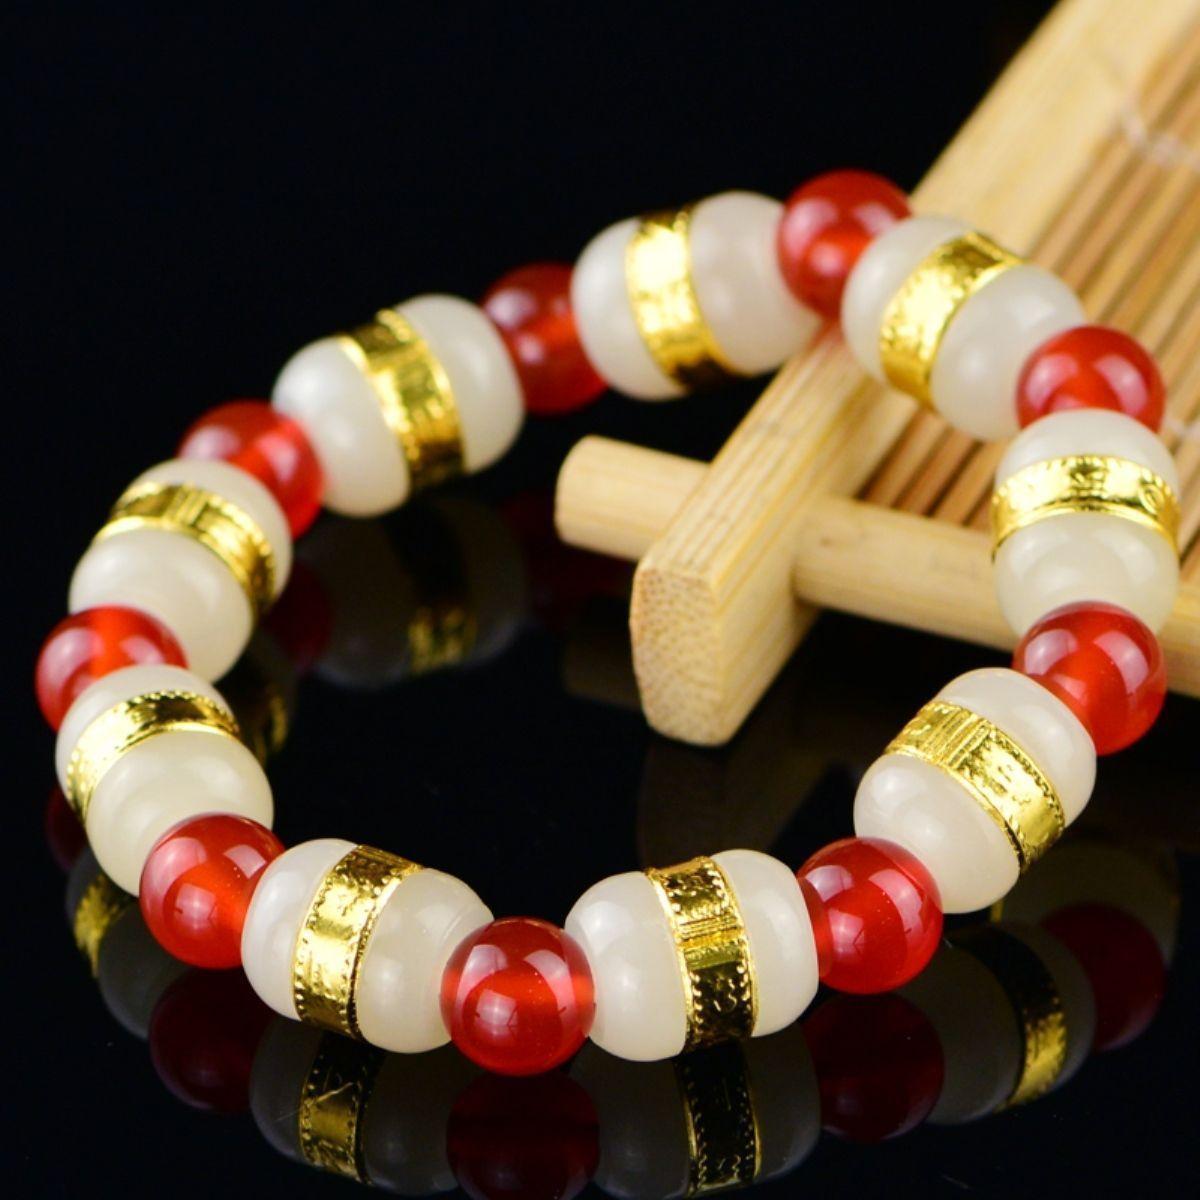 24 k Jaune Or Hetian Jade Perle Avec Rouge Agate Perles Lien Bracelet 6.3 inchL24 k Jaune Or Hetian Jade Perle Avec Rouge Agate Perles Lien Bracelet 6.3 inchL